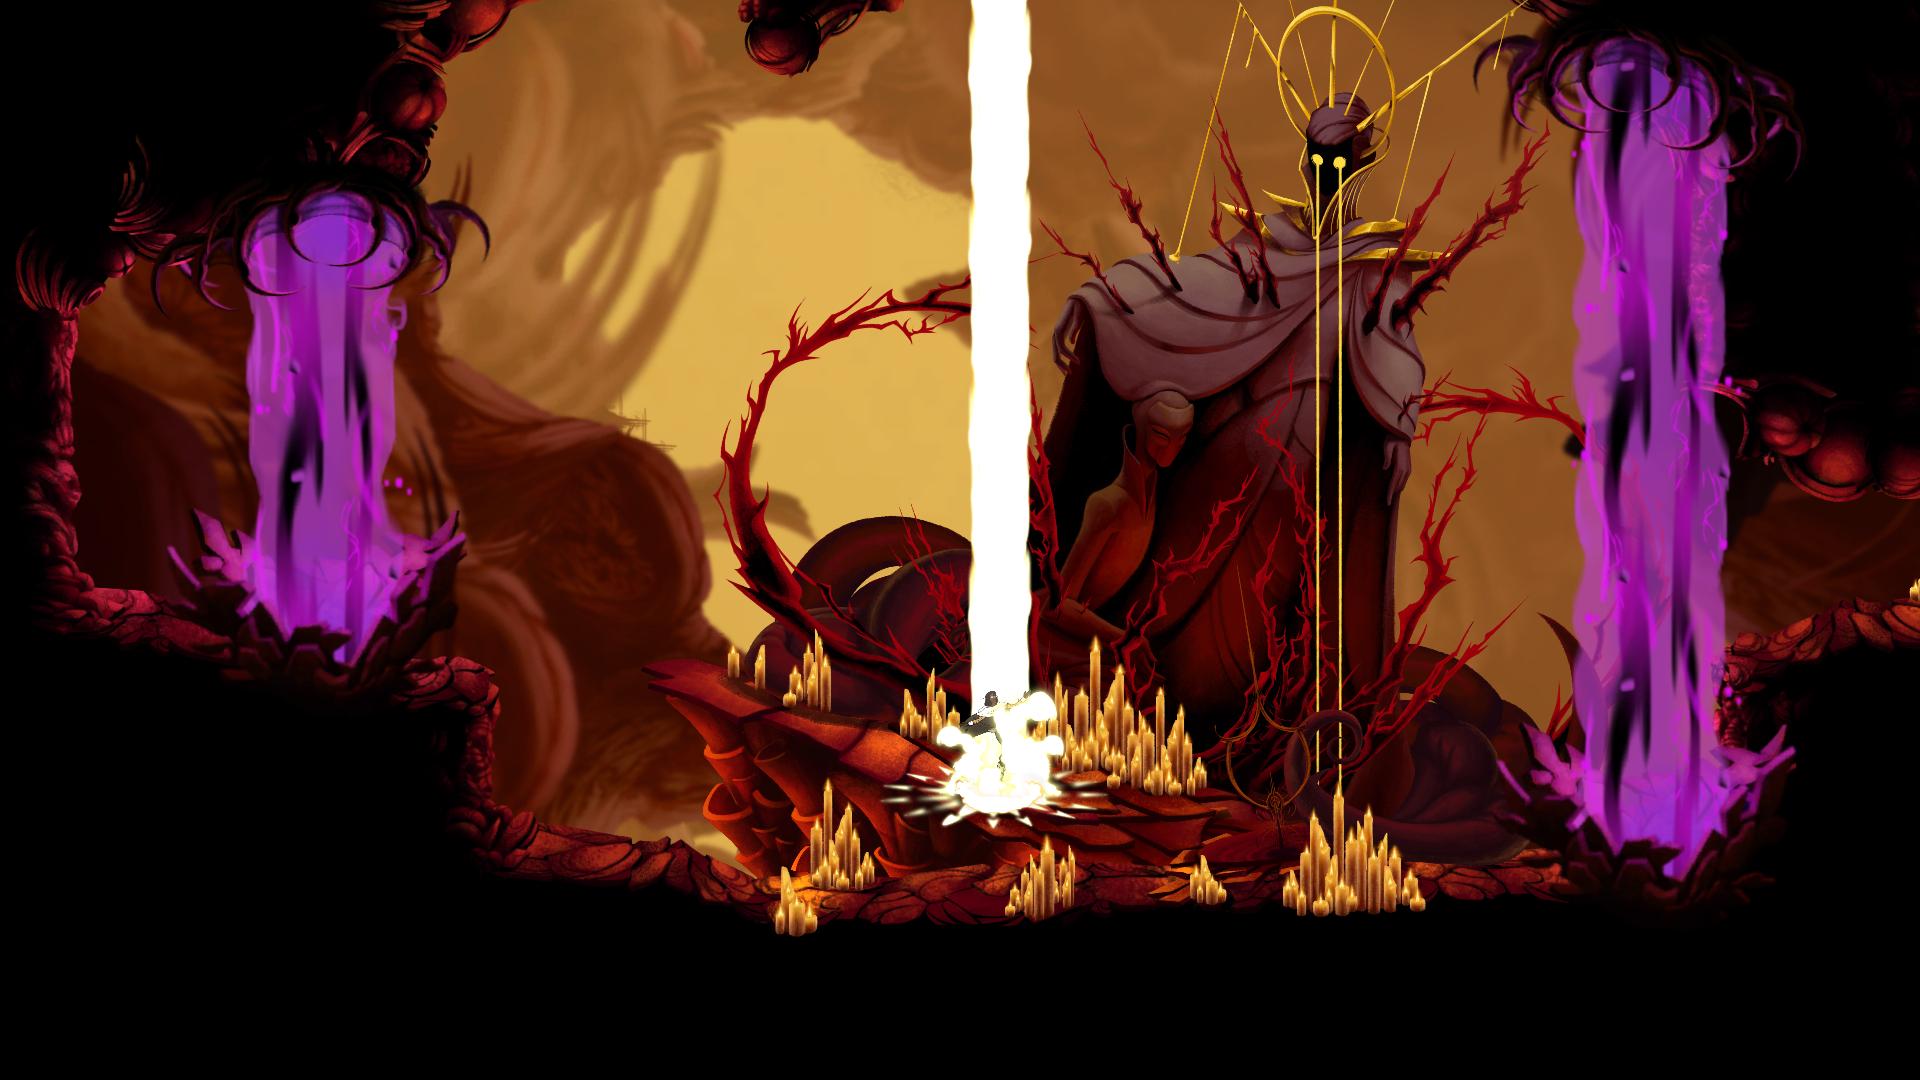 Um Altar de Habilidade de Sundered, jogo da Thunder Lotus Games, jogo metroidvania inspirado em Lovecraft